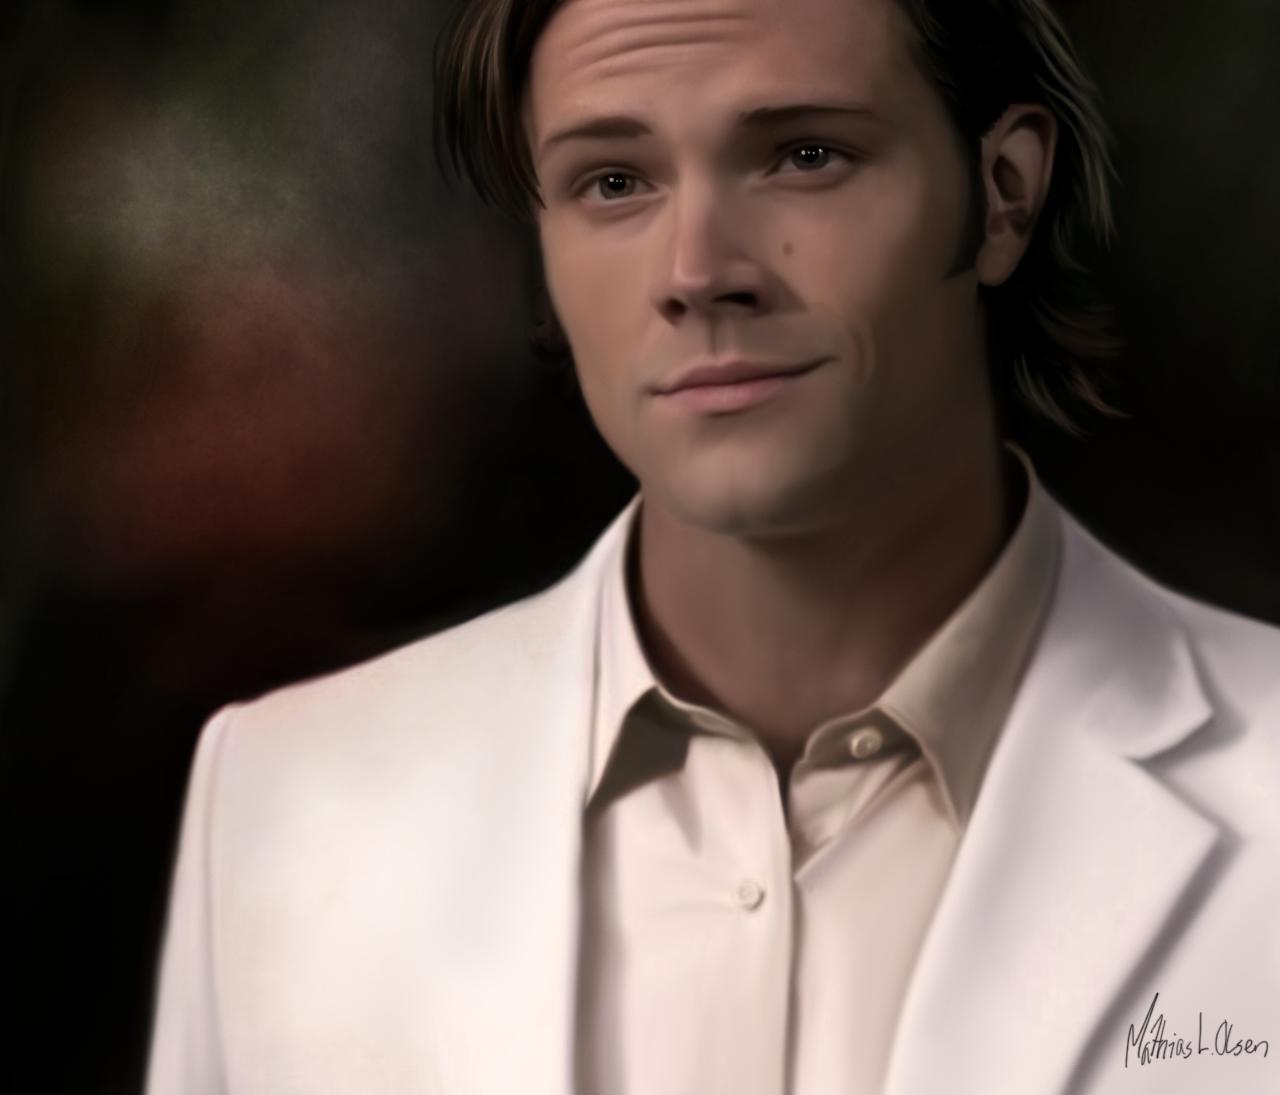 Supernatural Fan Art: Jared Padalecki As